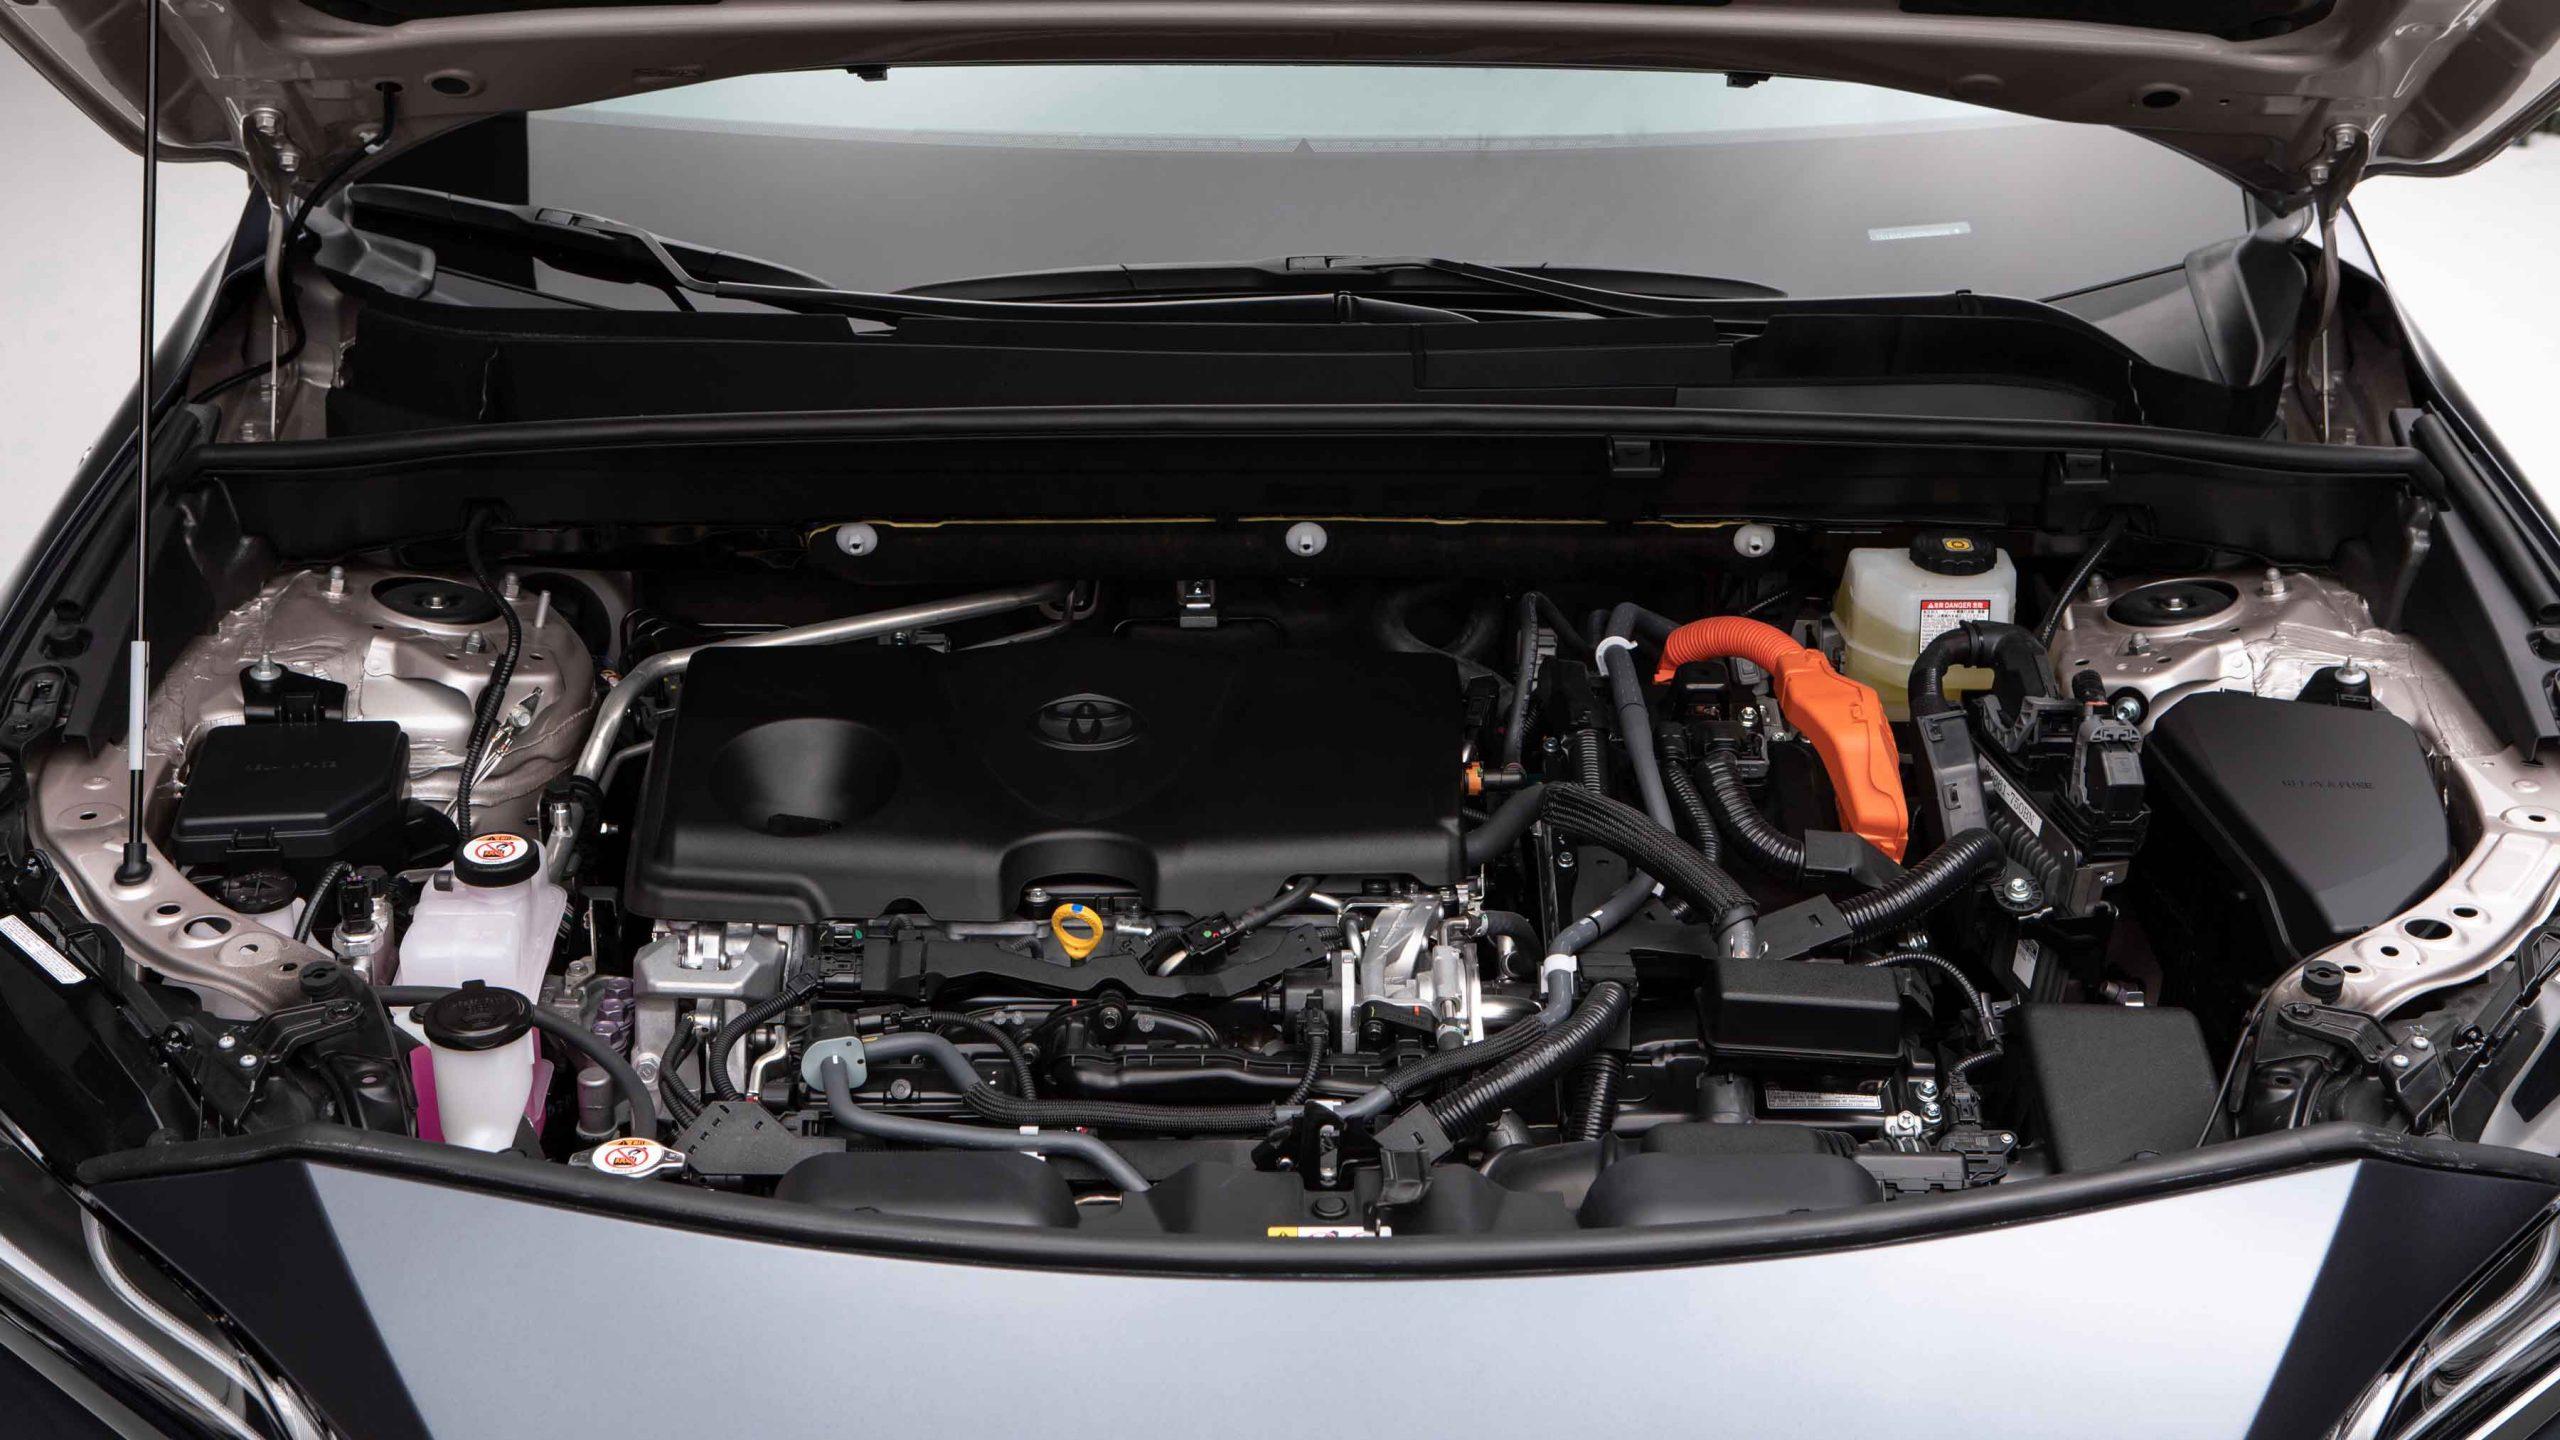 Regresa Toyota Venza - El Sol Latino